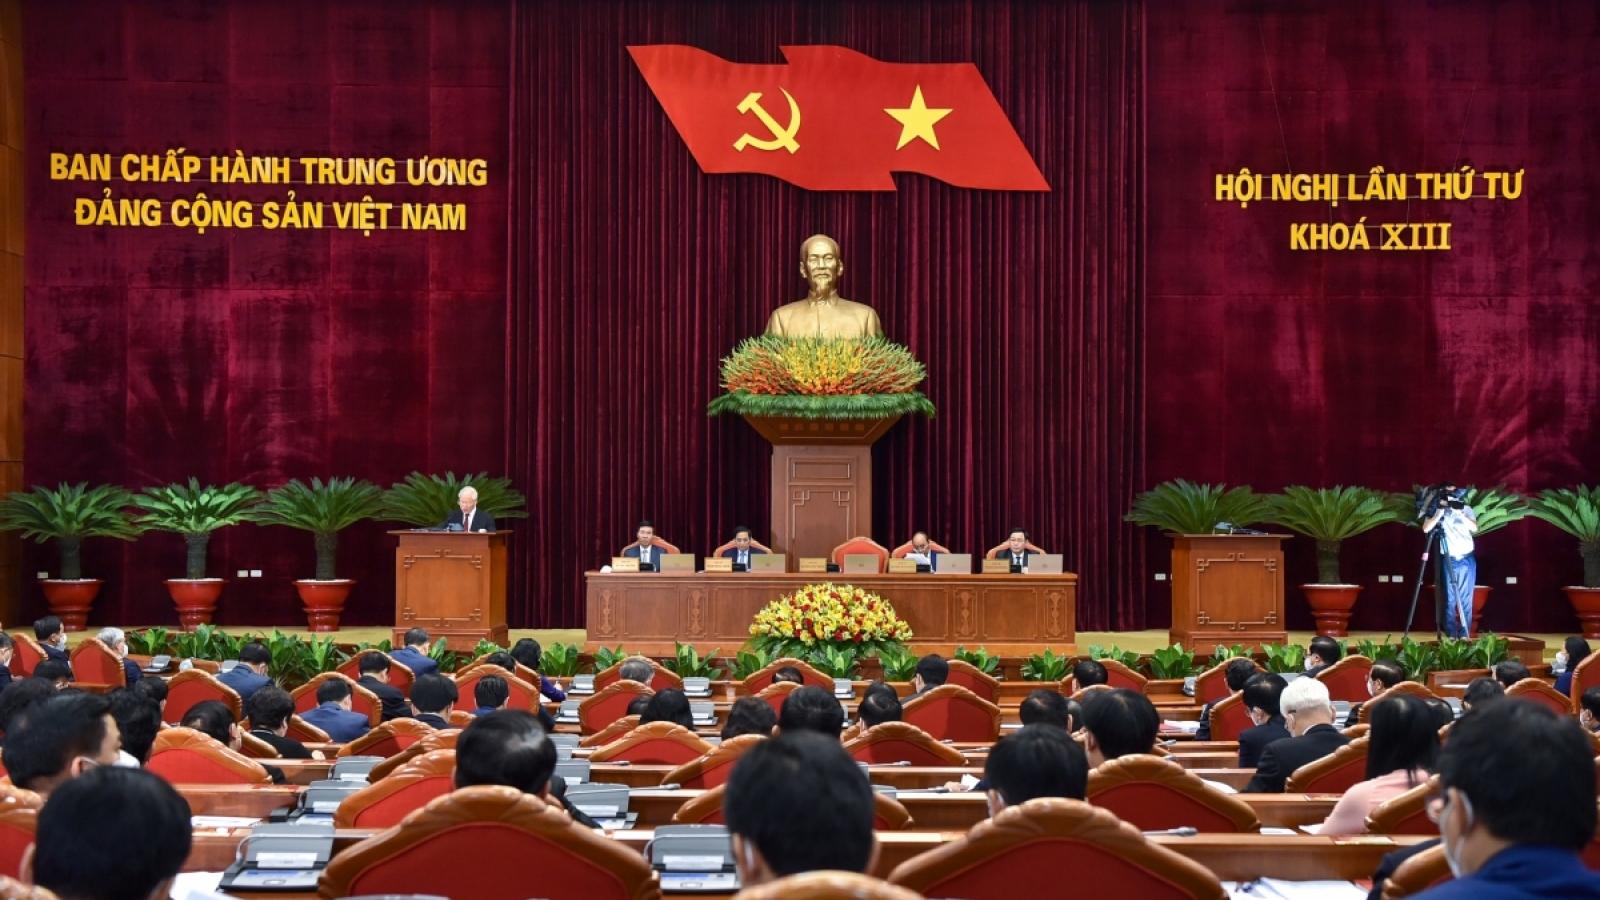 87.210 đảng viên bị kỷ luật trong 5 năm thực hiện Nghị quyết T.Ư 4 khóa XII